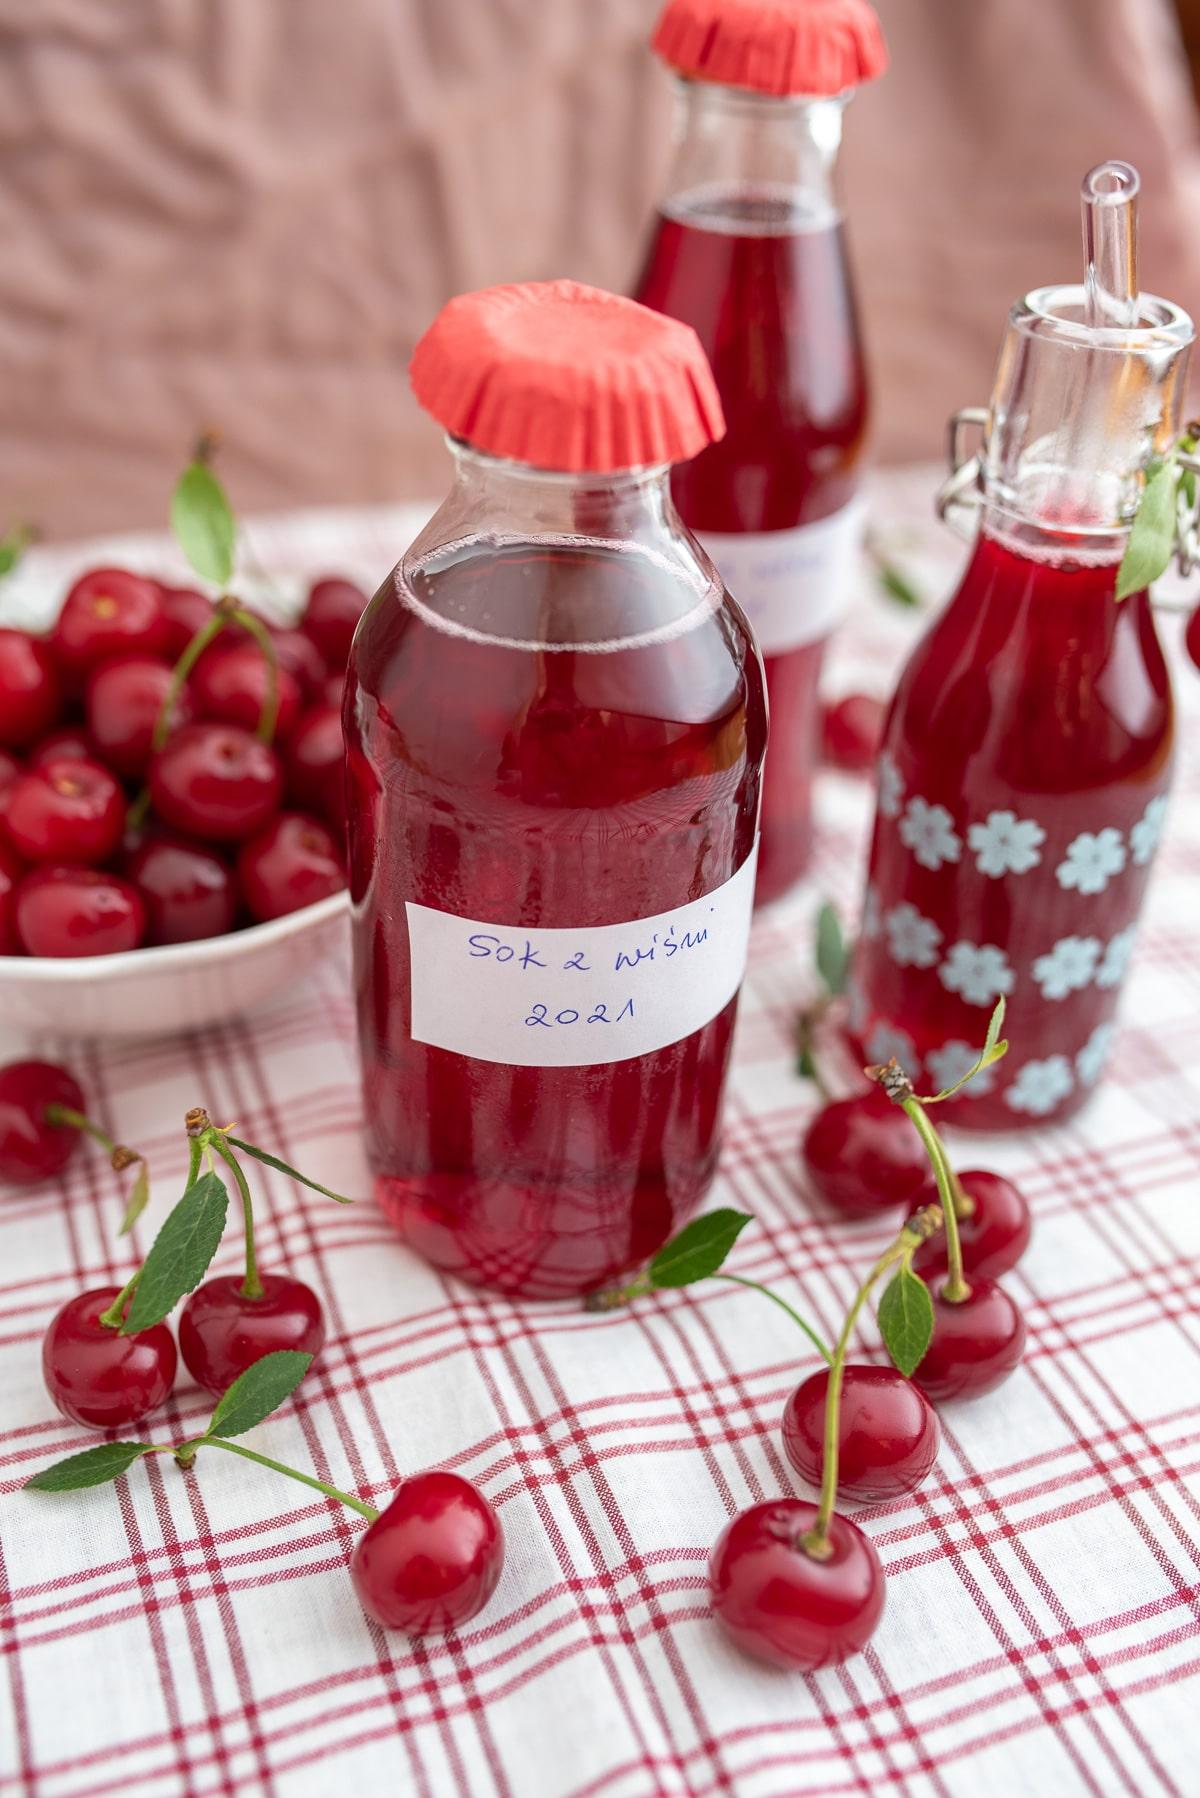 domowy sok z wiśni w butelkach ustawione na białym obrusie w czerwoną kratę